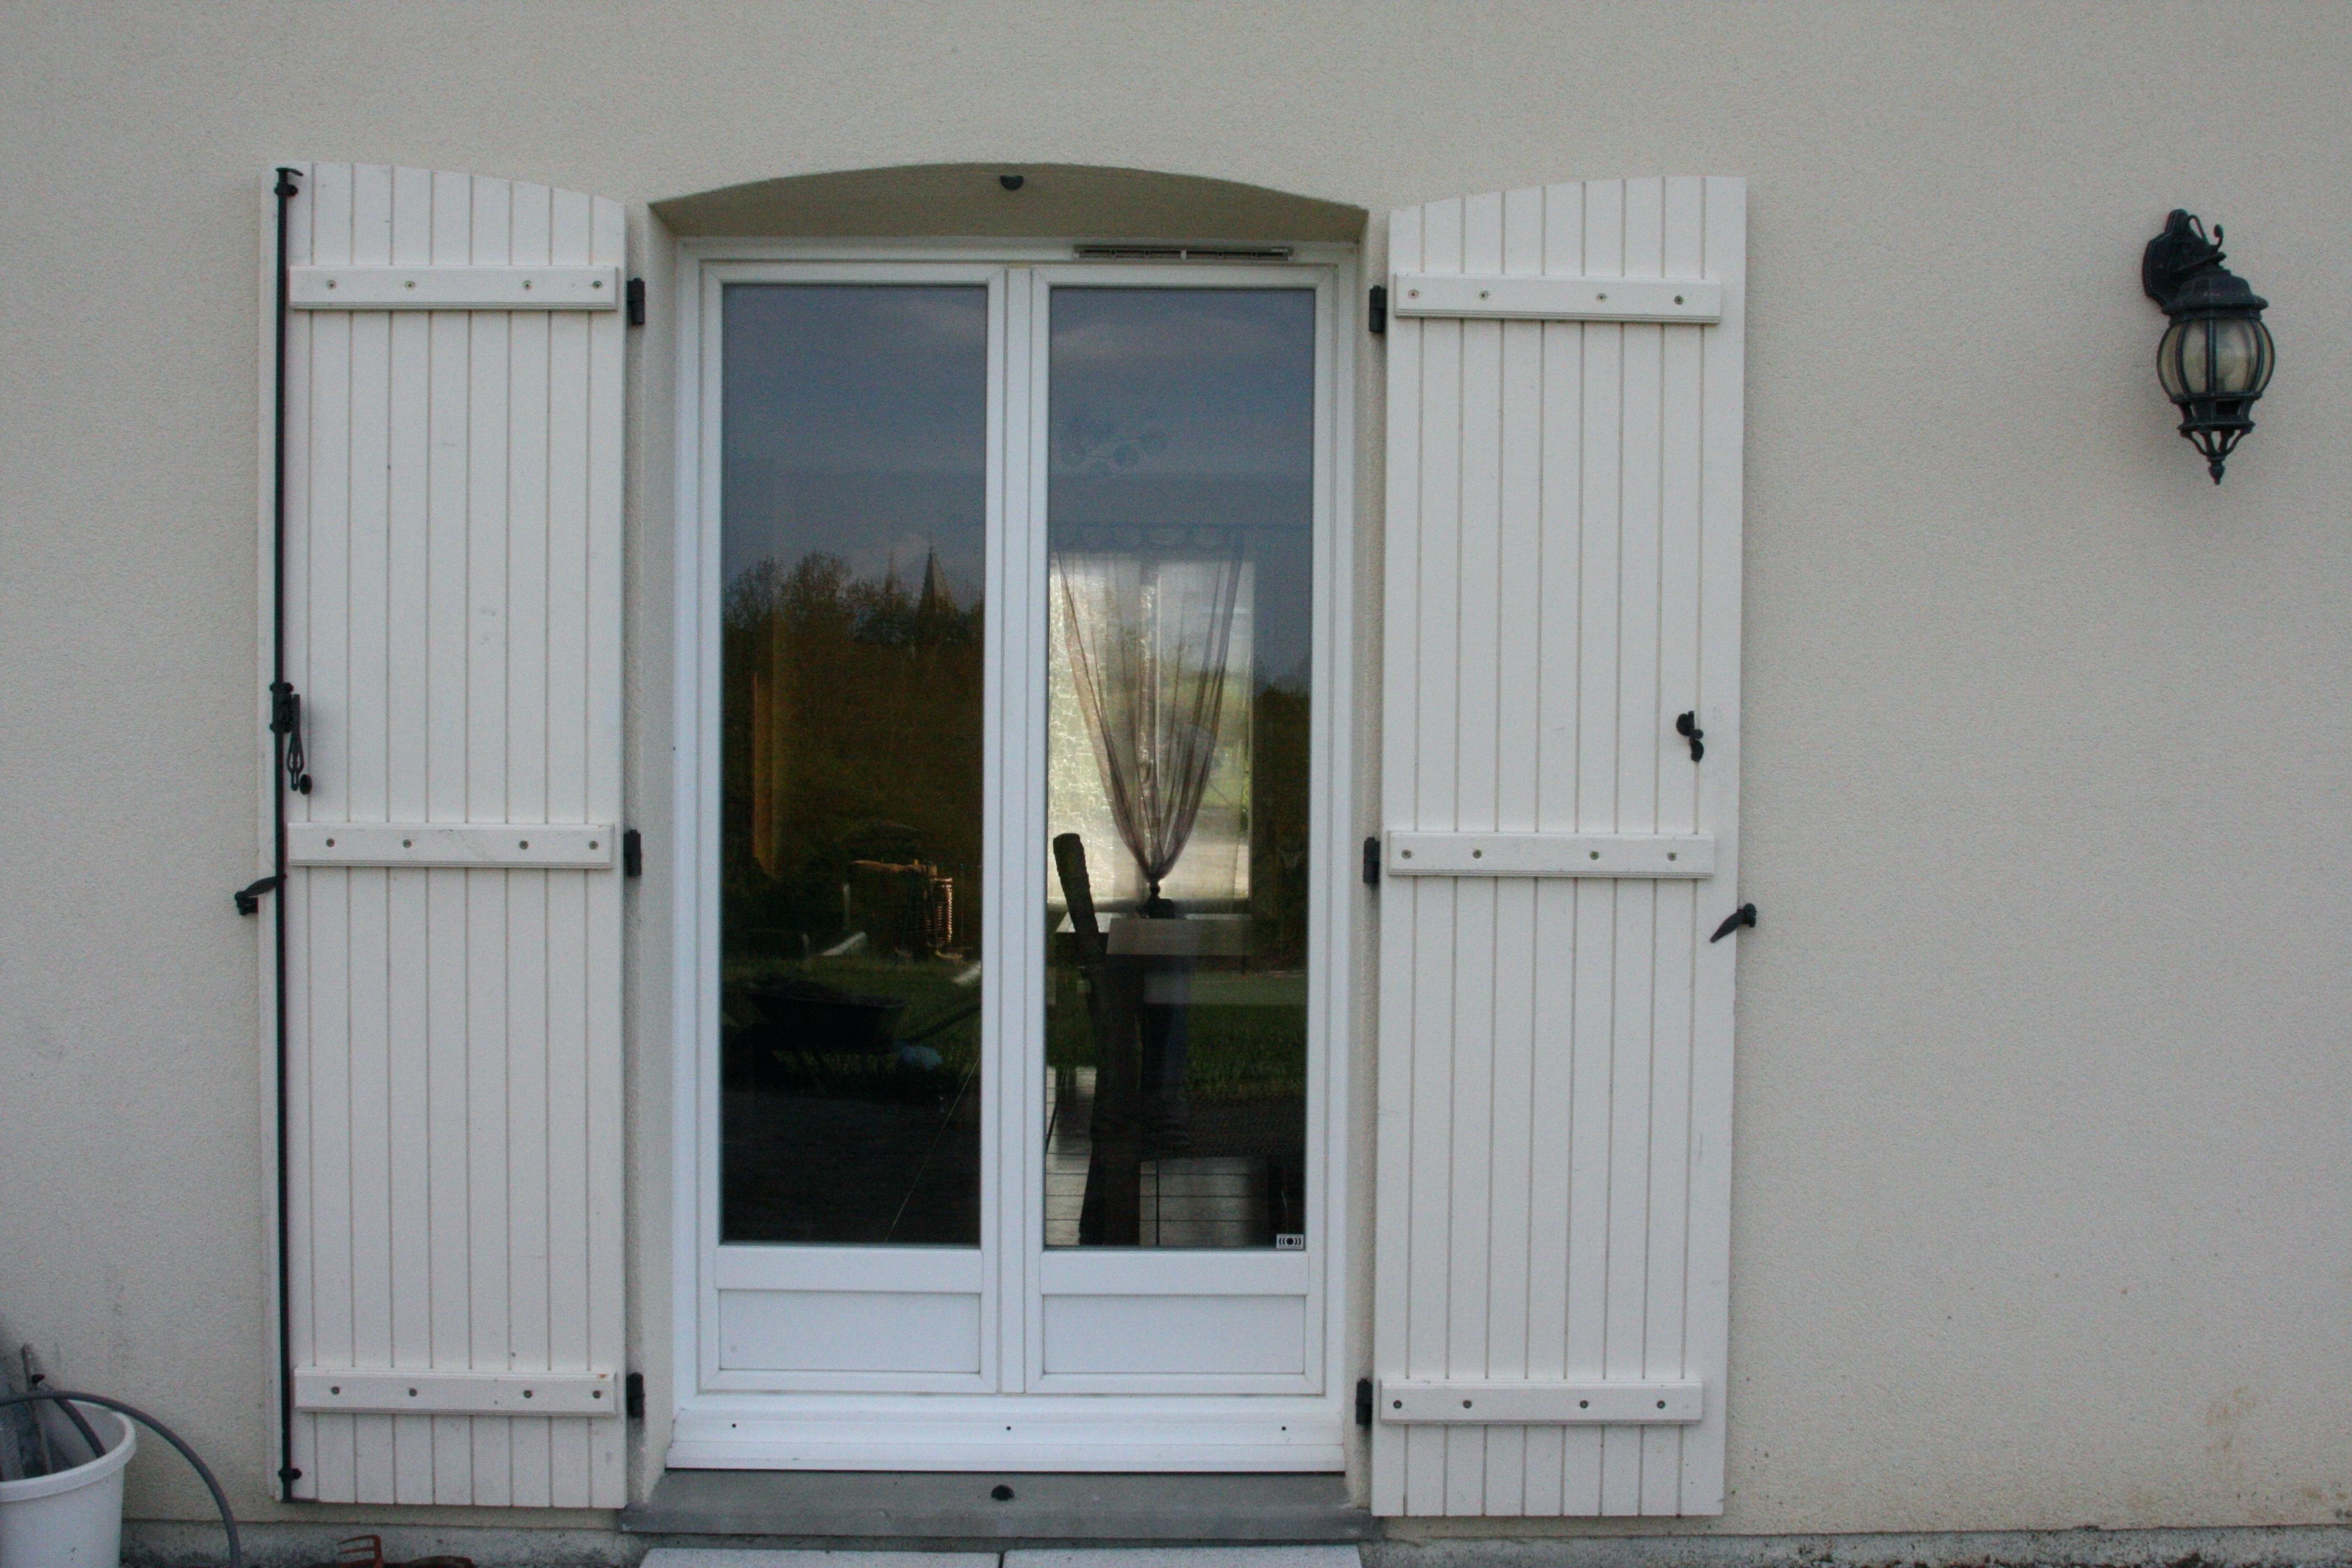 fenetre pvc prix renovation id e de travaux et fenetre. Black Bedroom Furniture Sets. Home Design Ideas